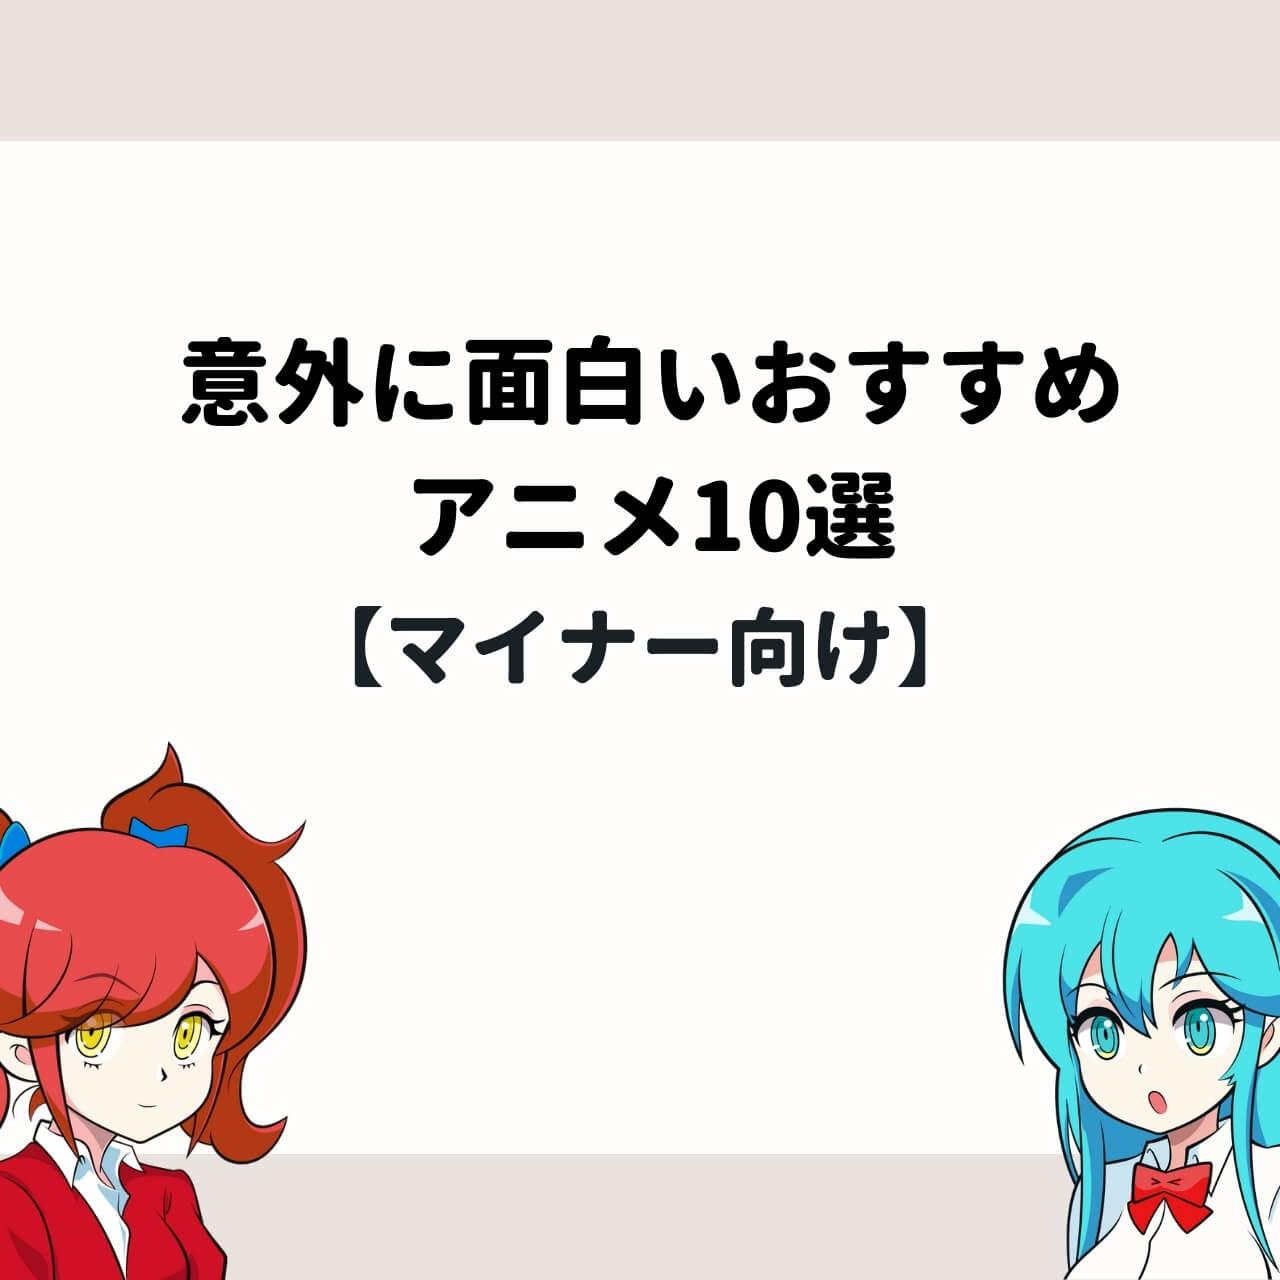 意外に面白いおすすめアニメ10選【マイナー向け】